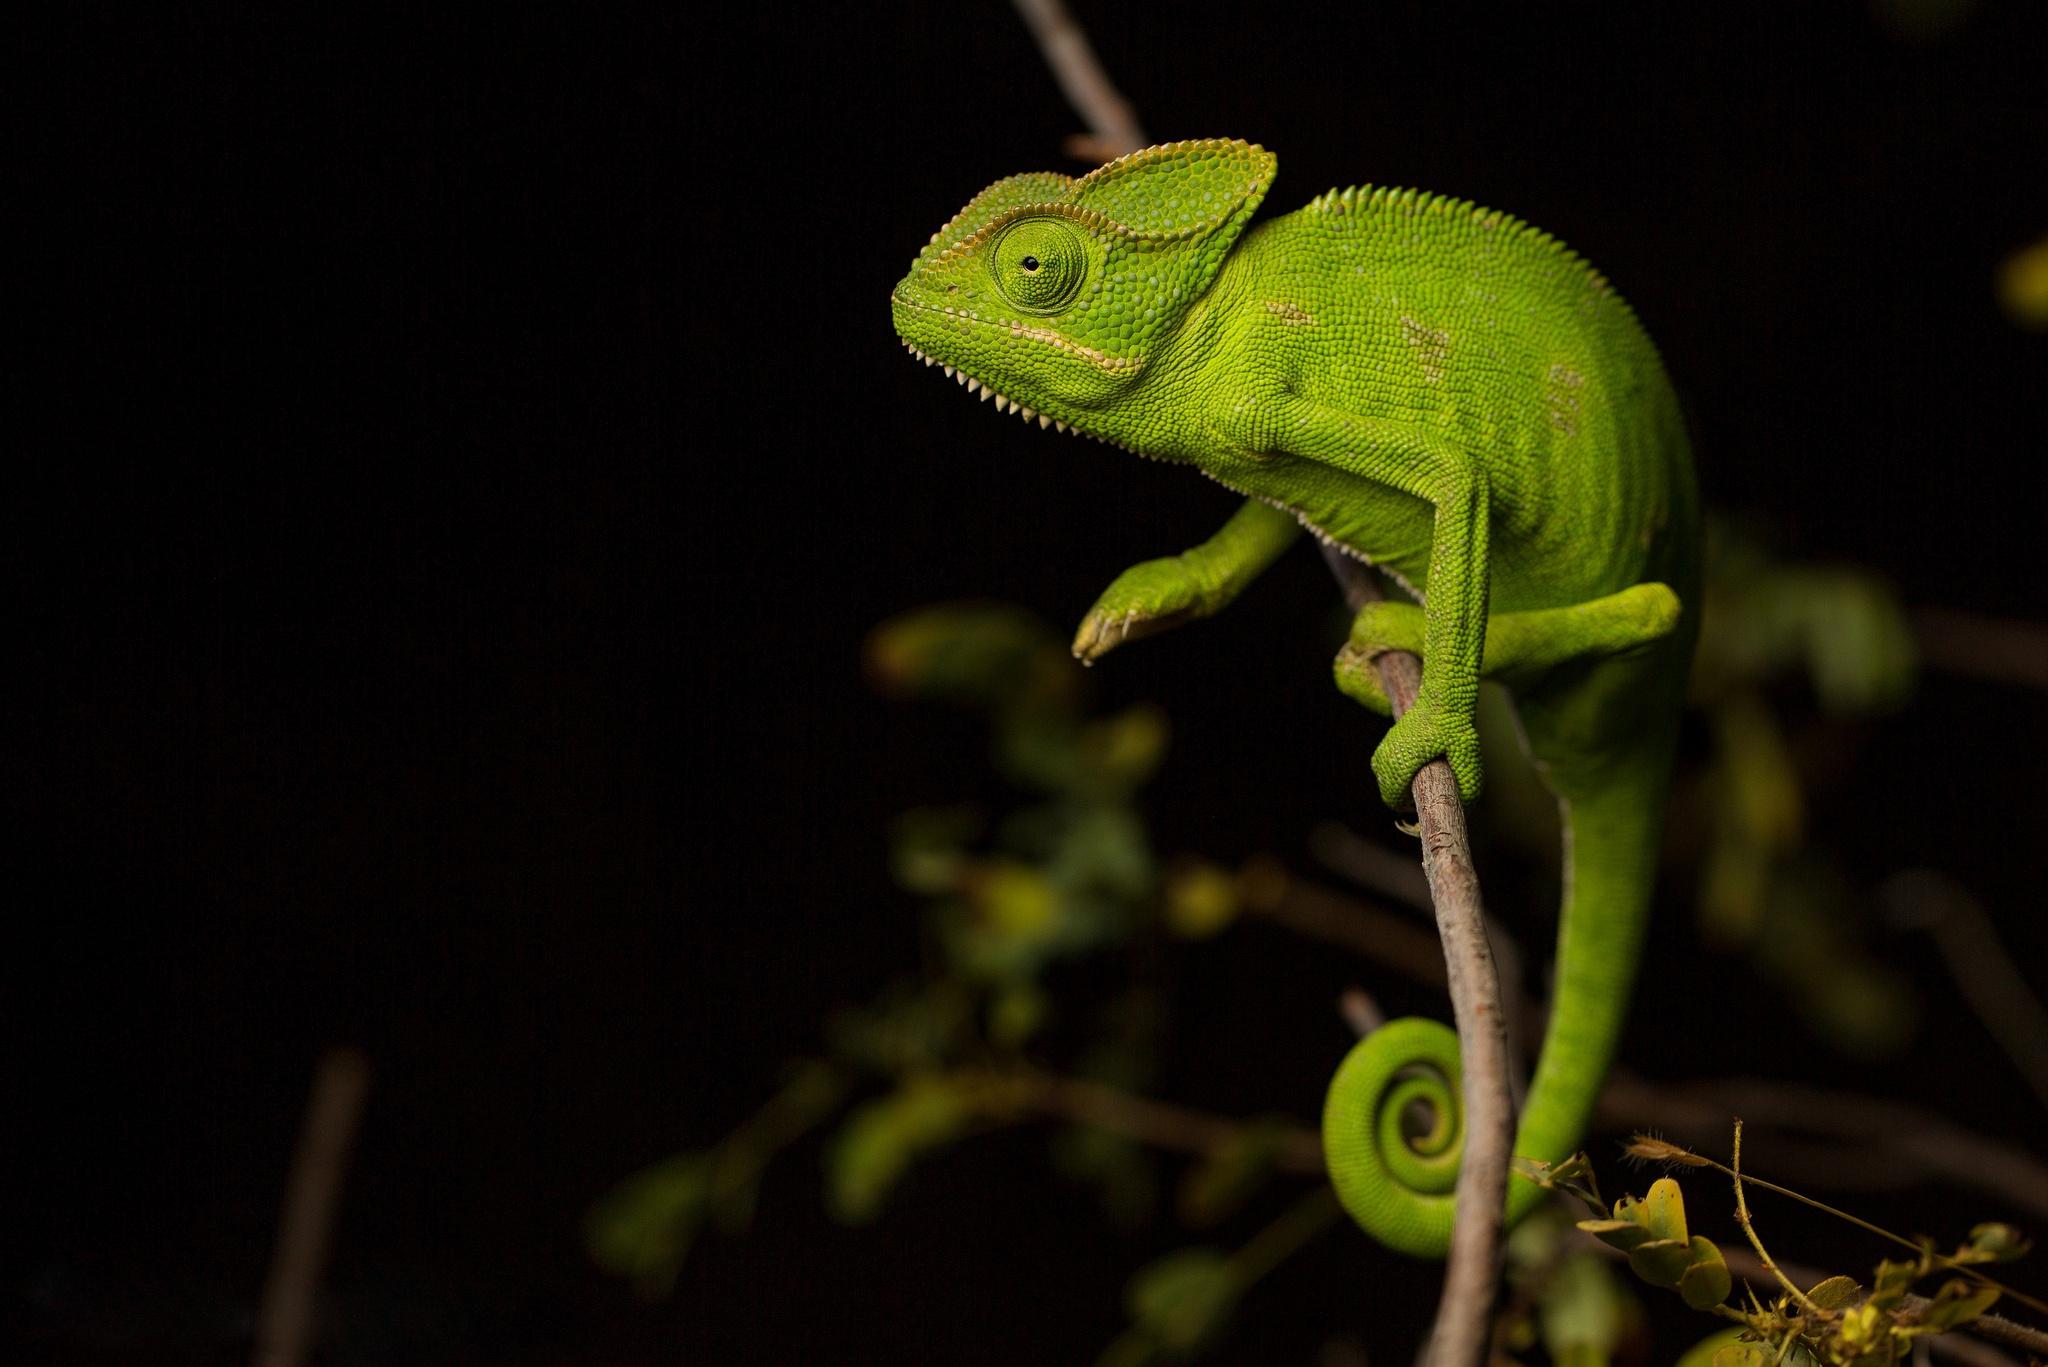 зеленая ящерица ствол бесплатно